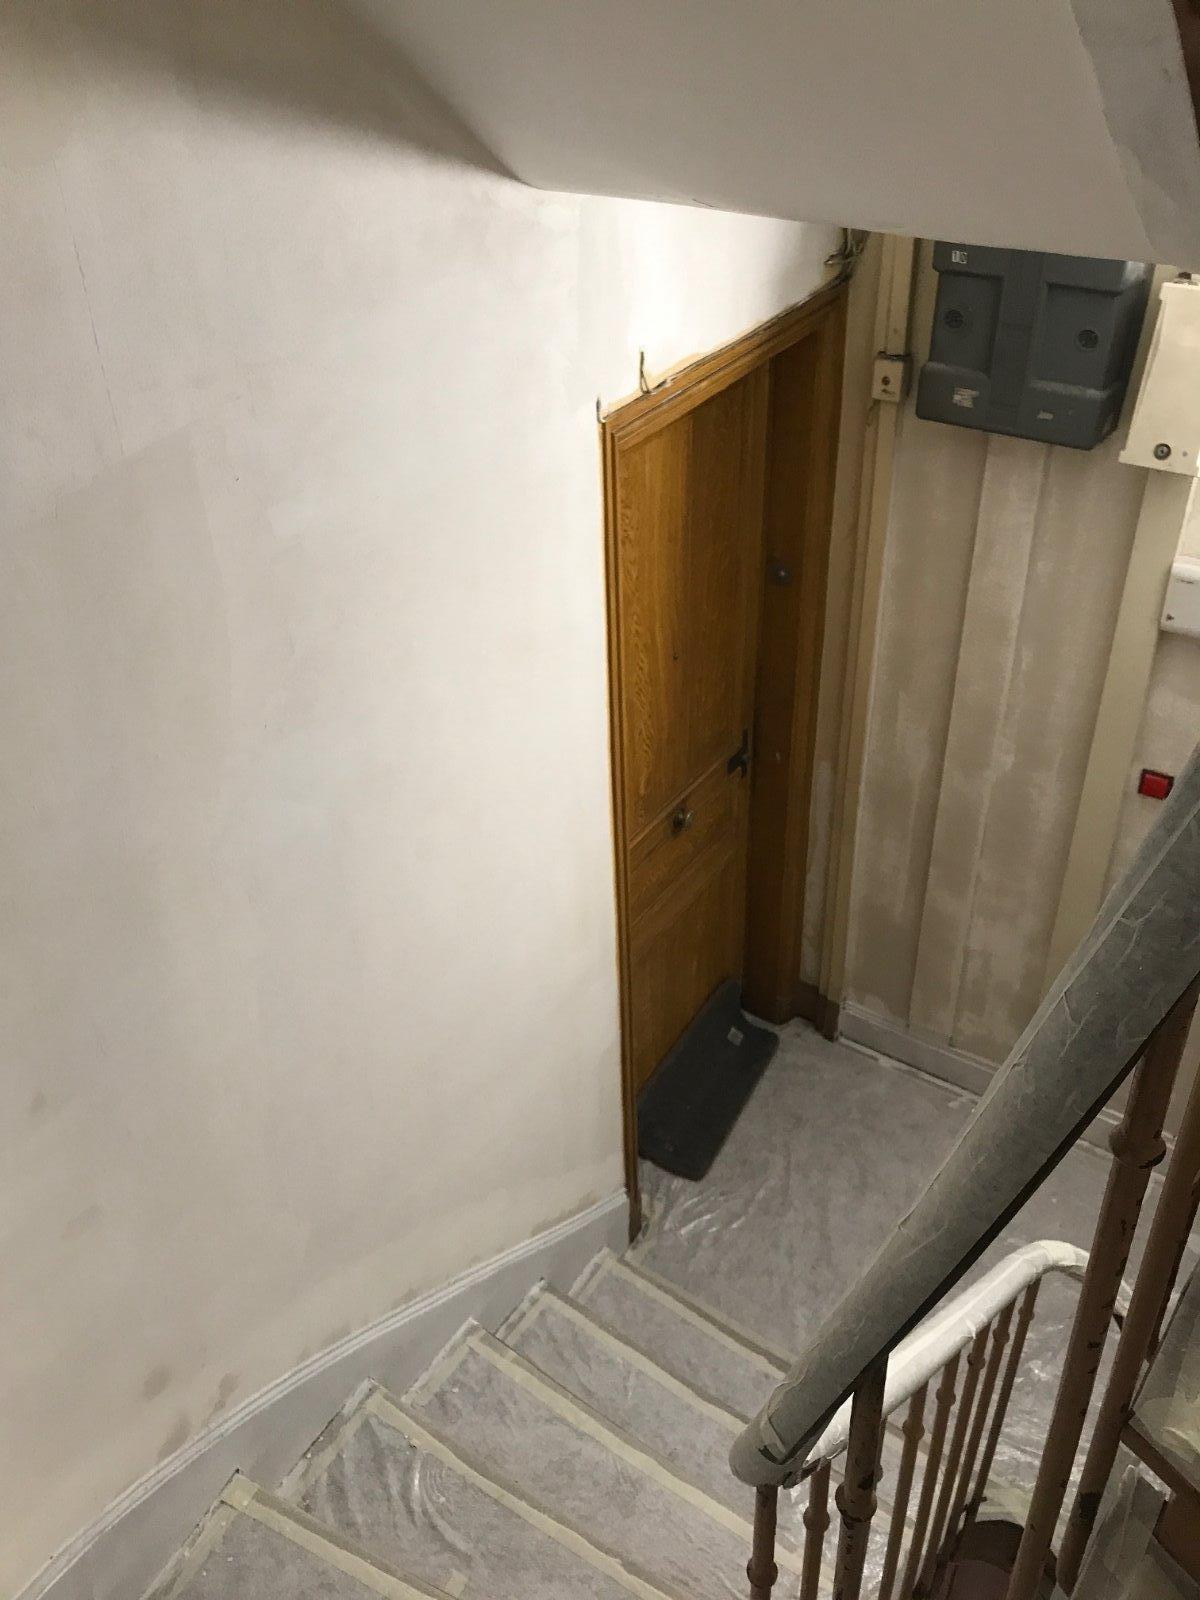 Renovation Escalier Nord Pas De Calais rénovation extérieure paris